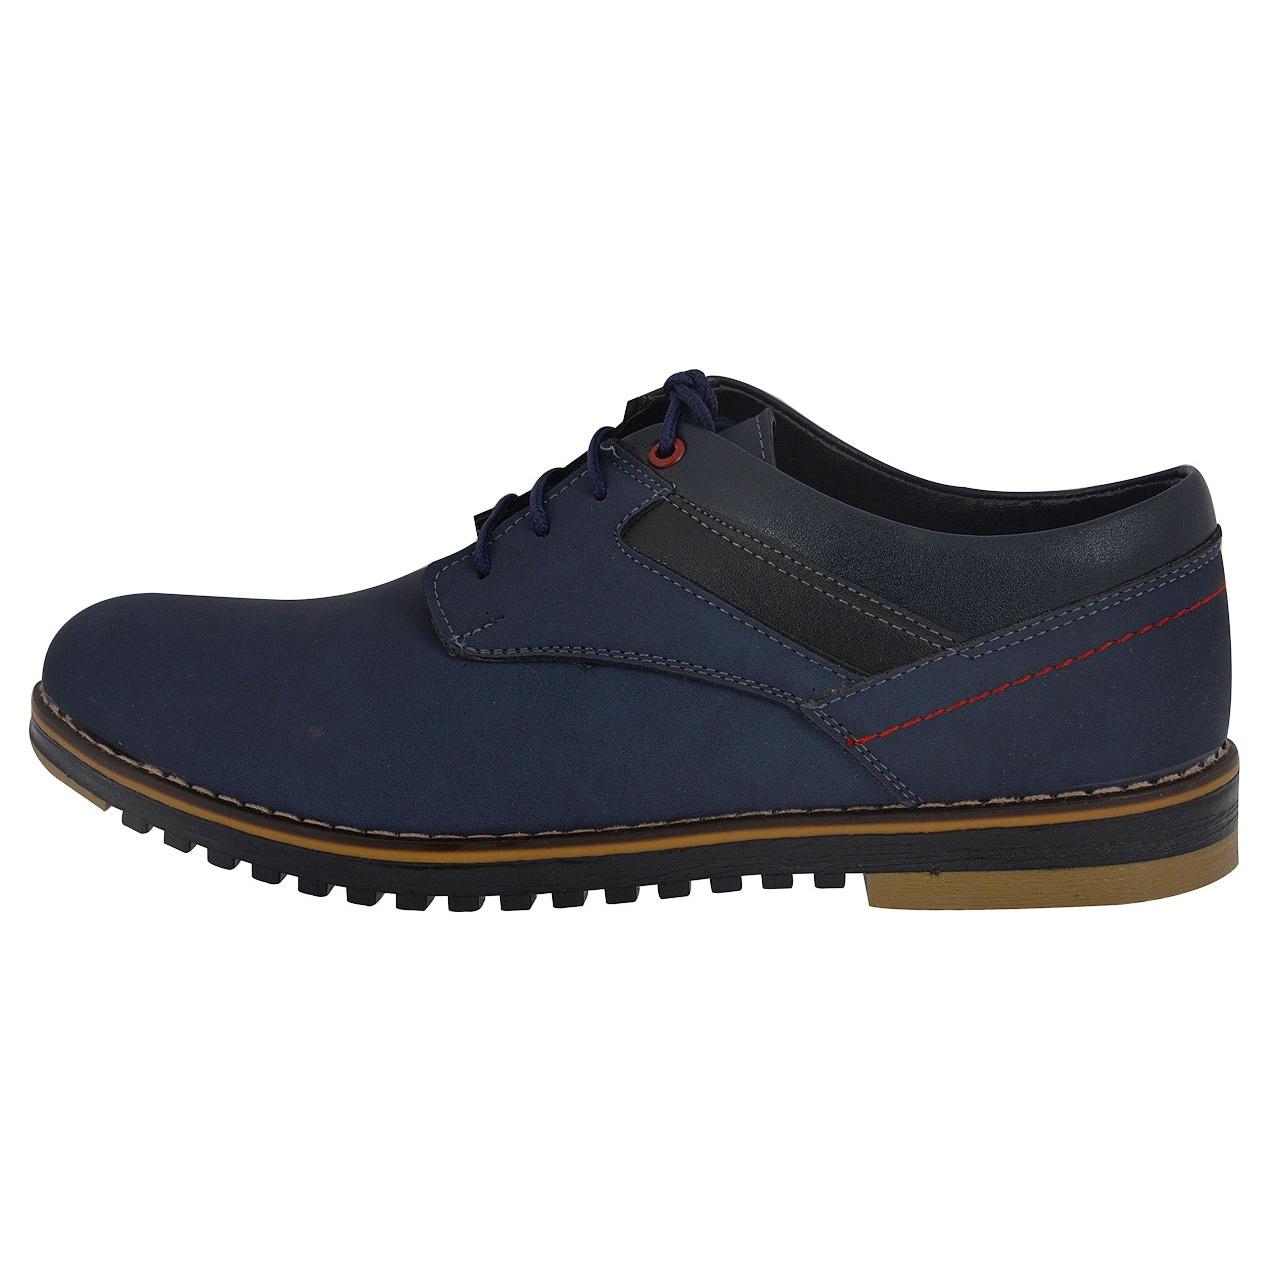 کفش روزمره مردانه کد 324001614